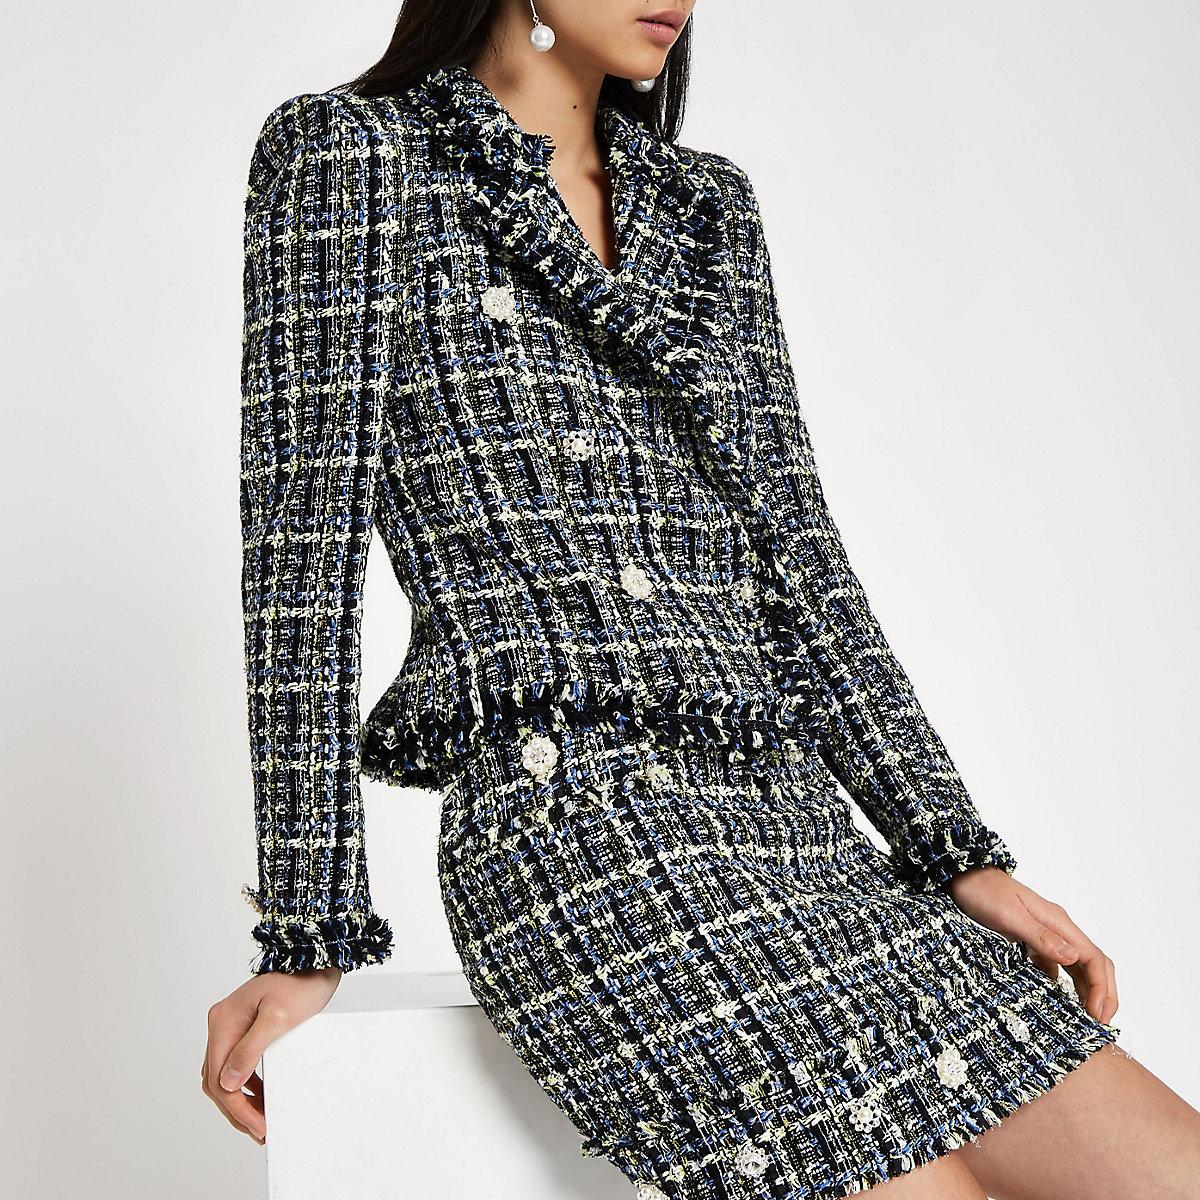 56b11348d8c5 Veste croisée en tweed bleue - Blazers - Manteaux   Vestes - Femme